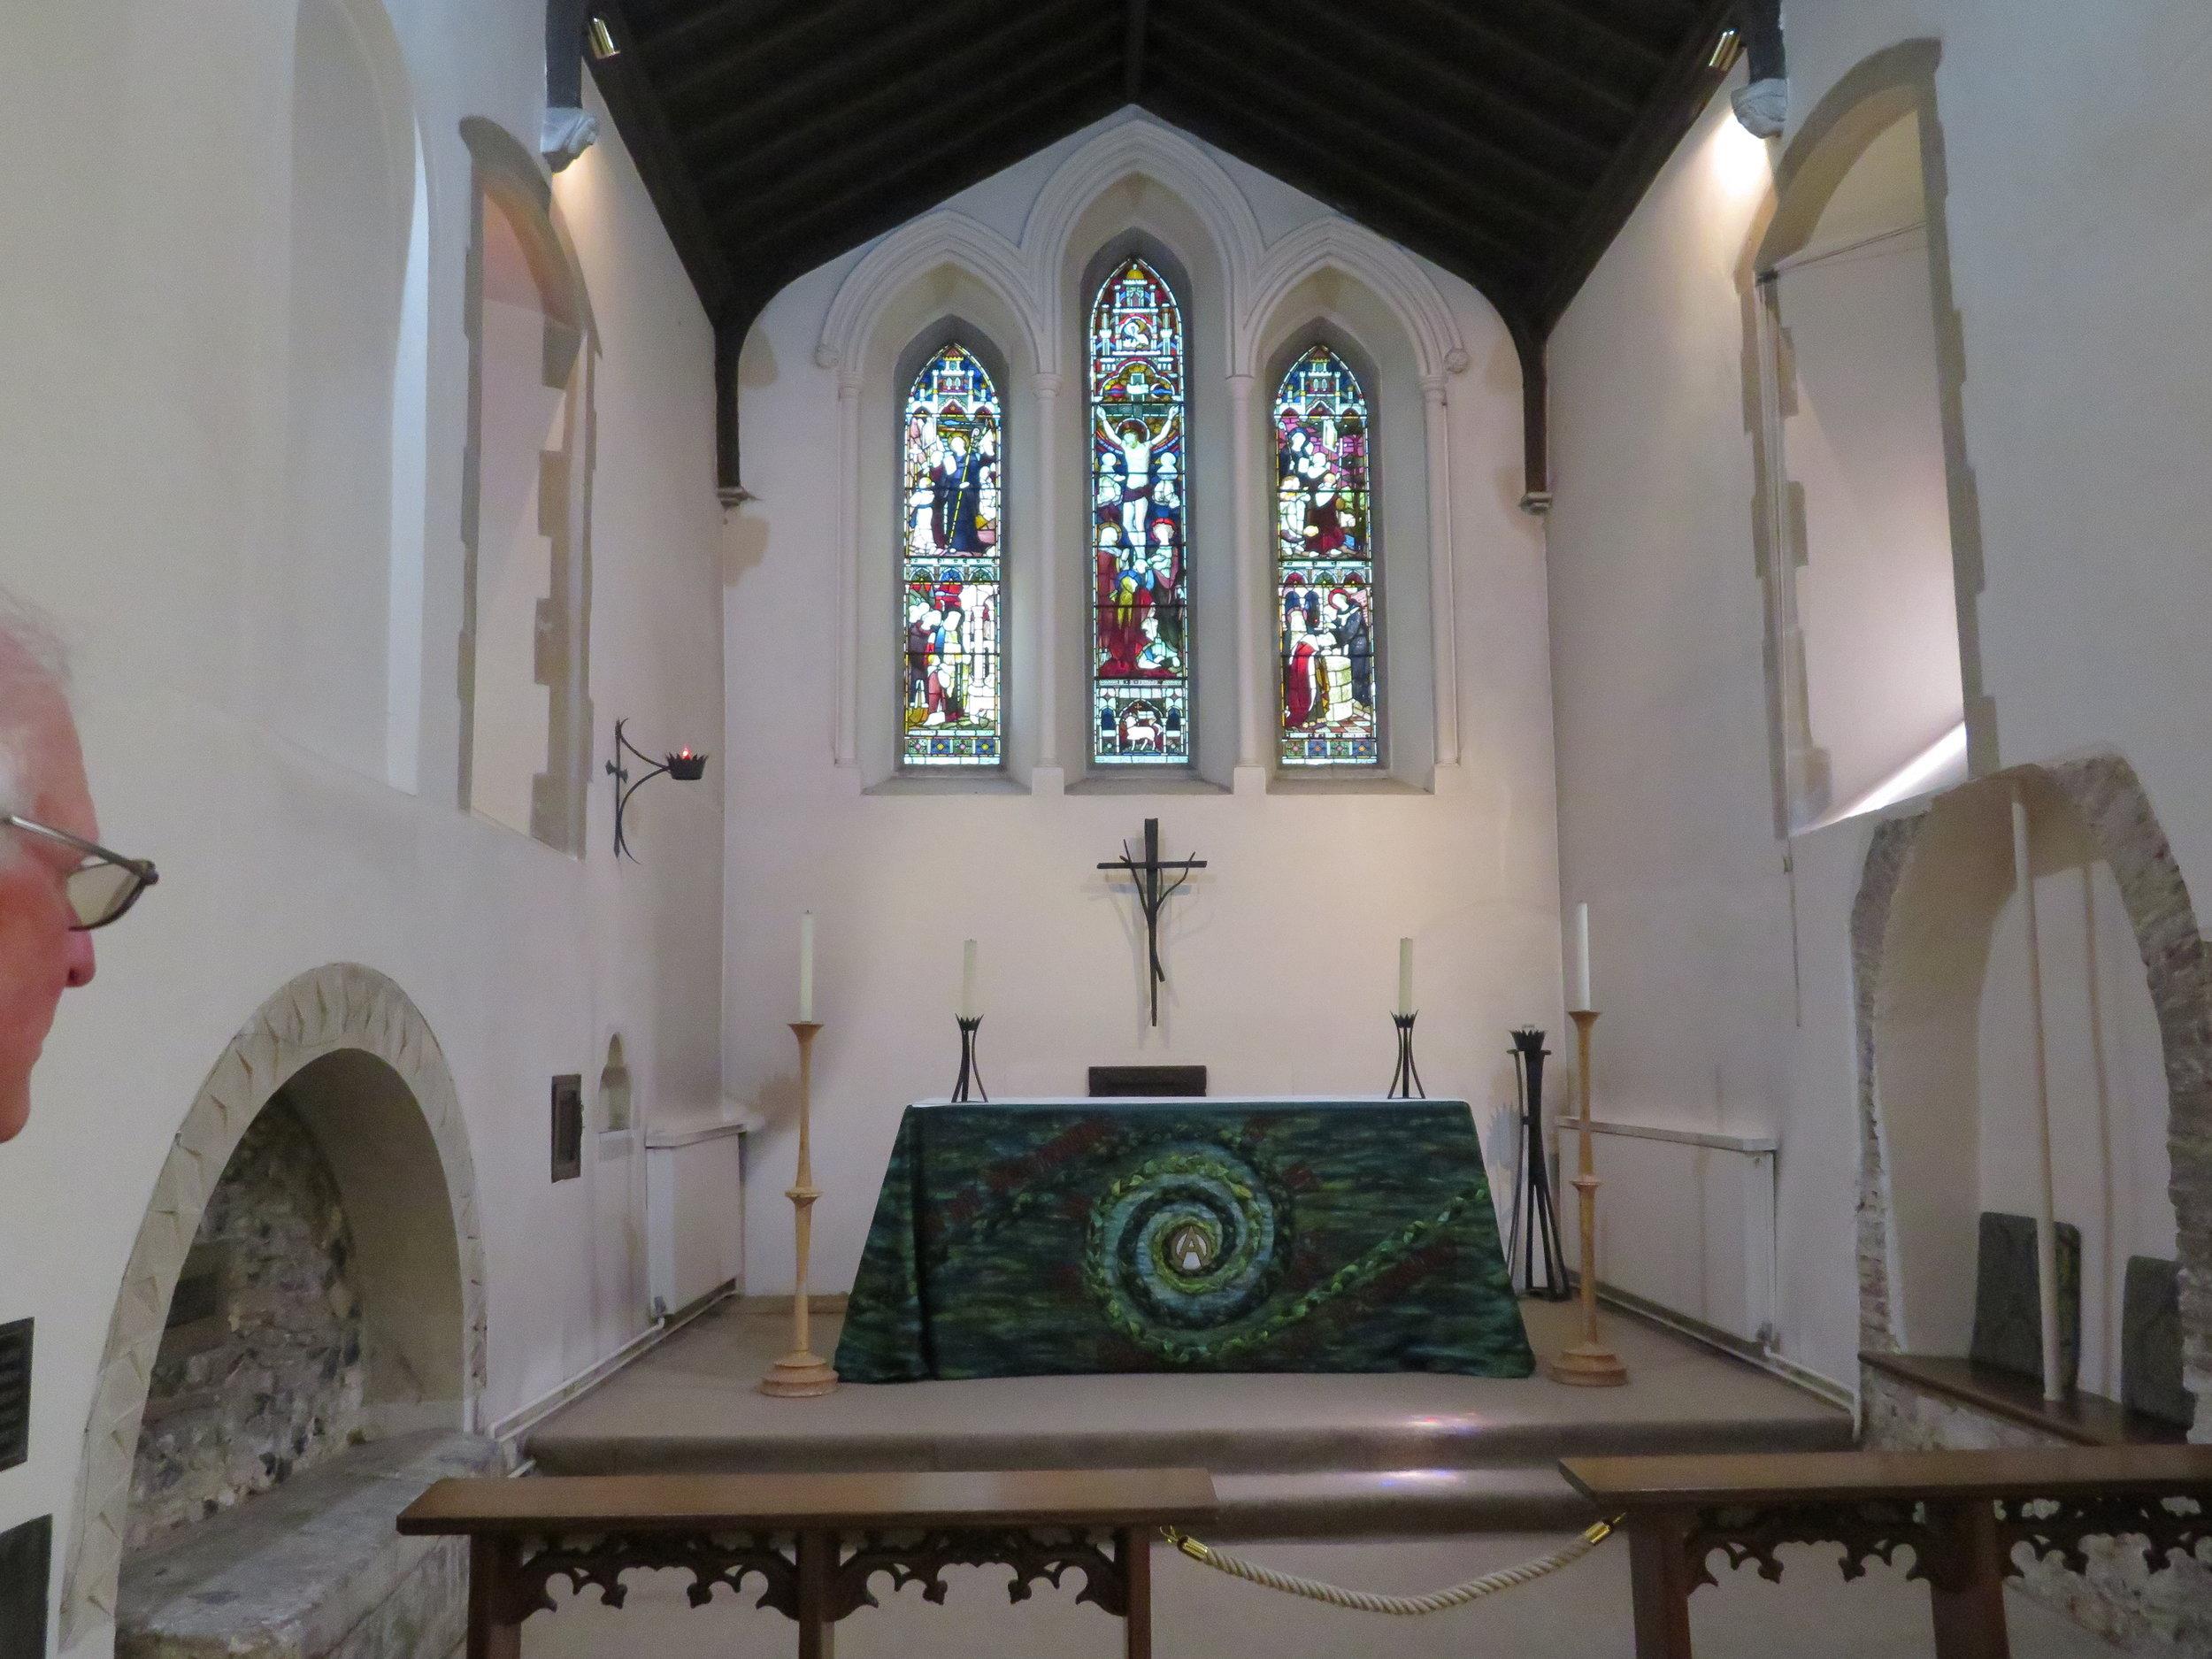 St. Martin's Altar